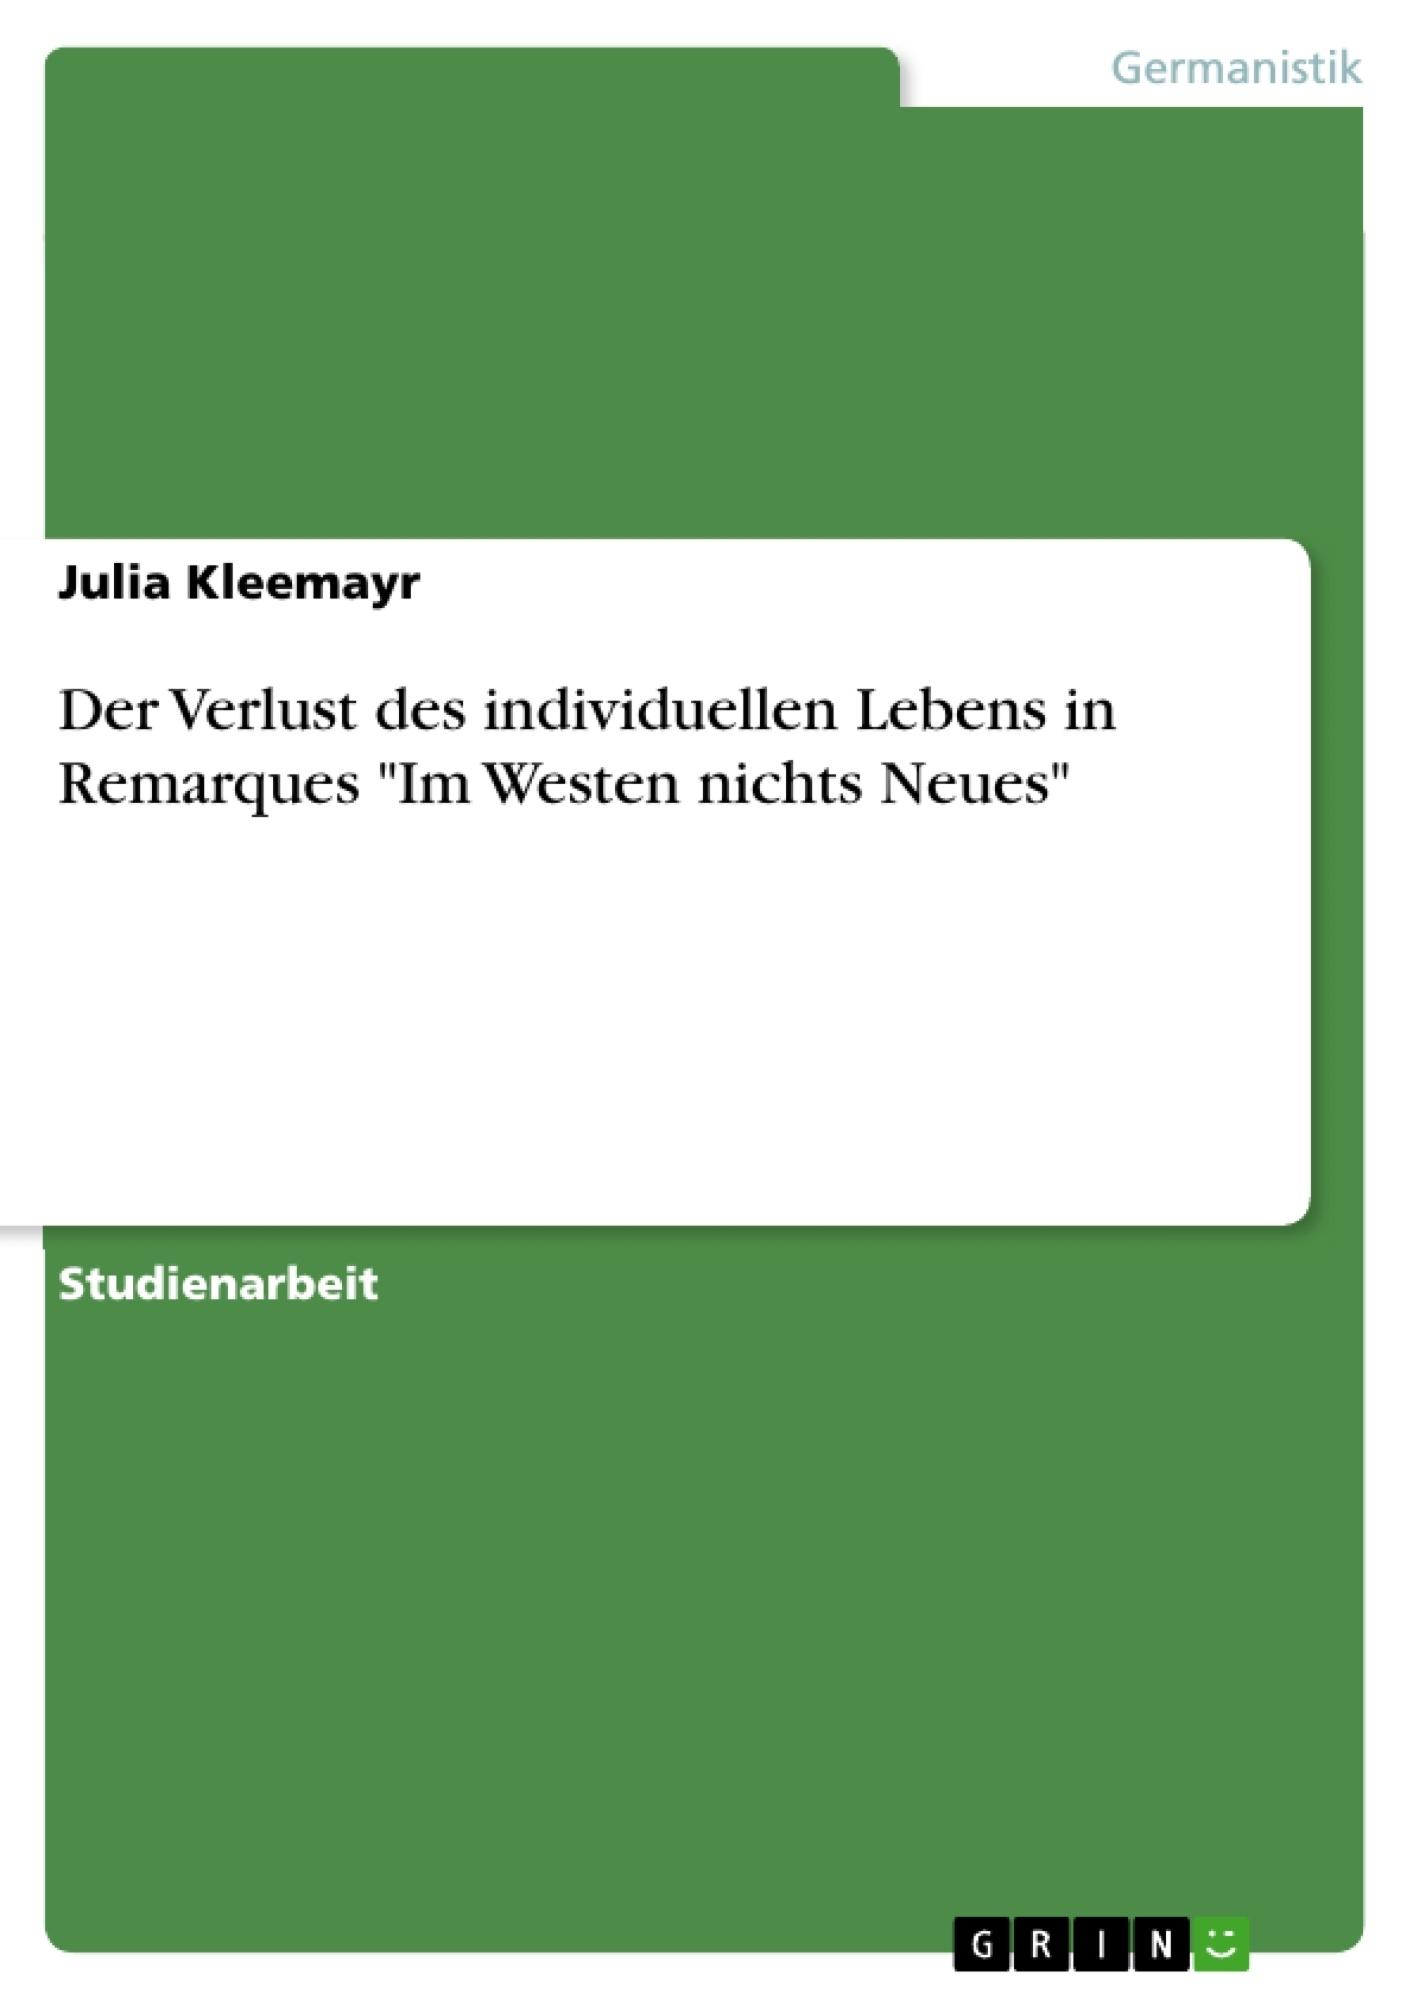 """Titel: Der Verlust des individuellen Lebens erläutert anhand des Soldaten Paul Bäumer in Remarques """"Im Westen nichts Neues"""""""